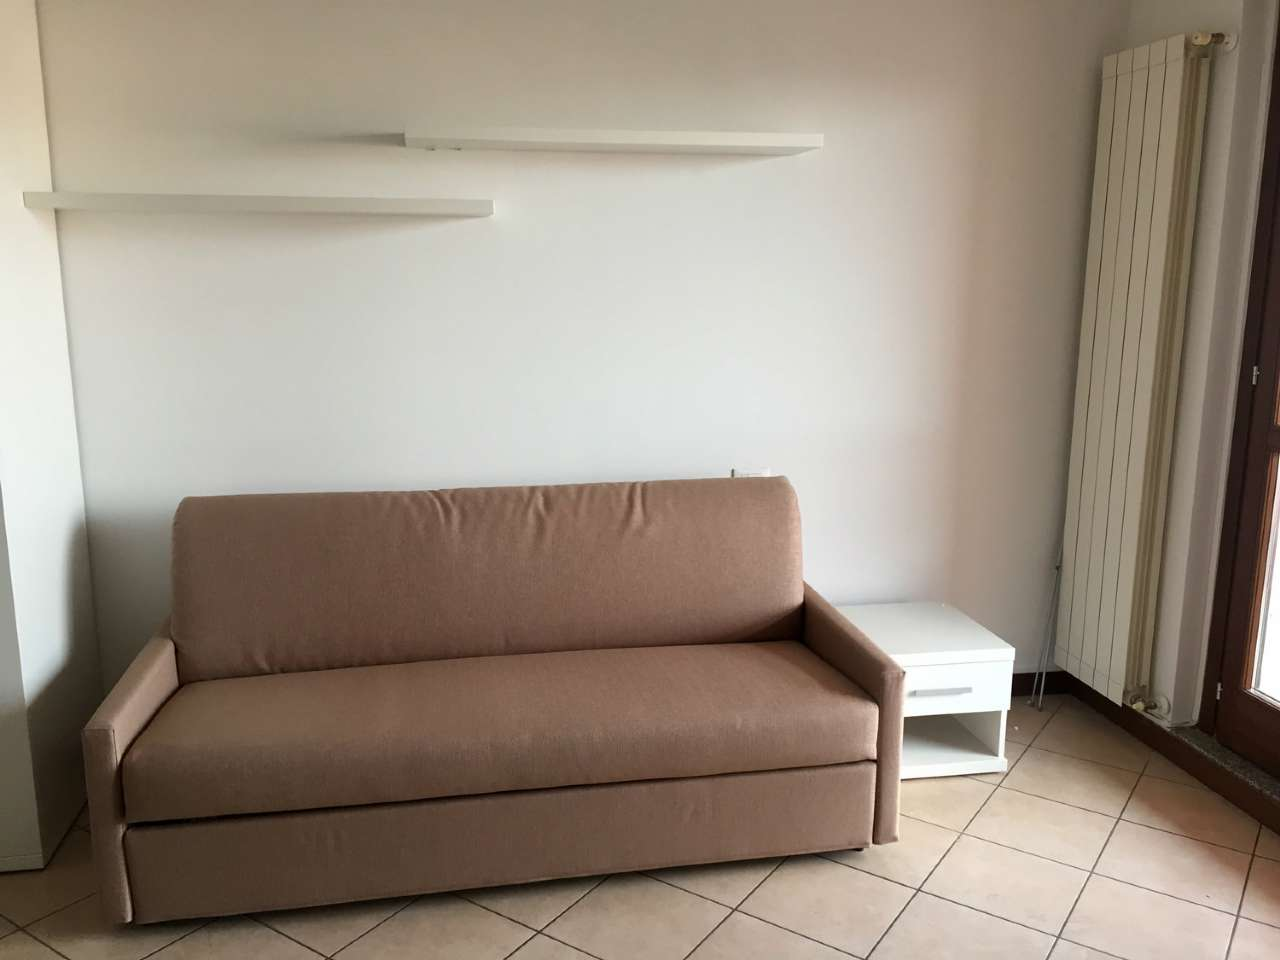 Appartamento in affitto a Pregnana Milanese, 1 locali, prezzo € 500 | CambioCasa.it